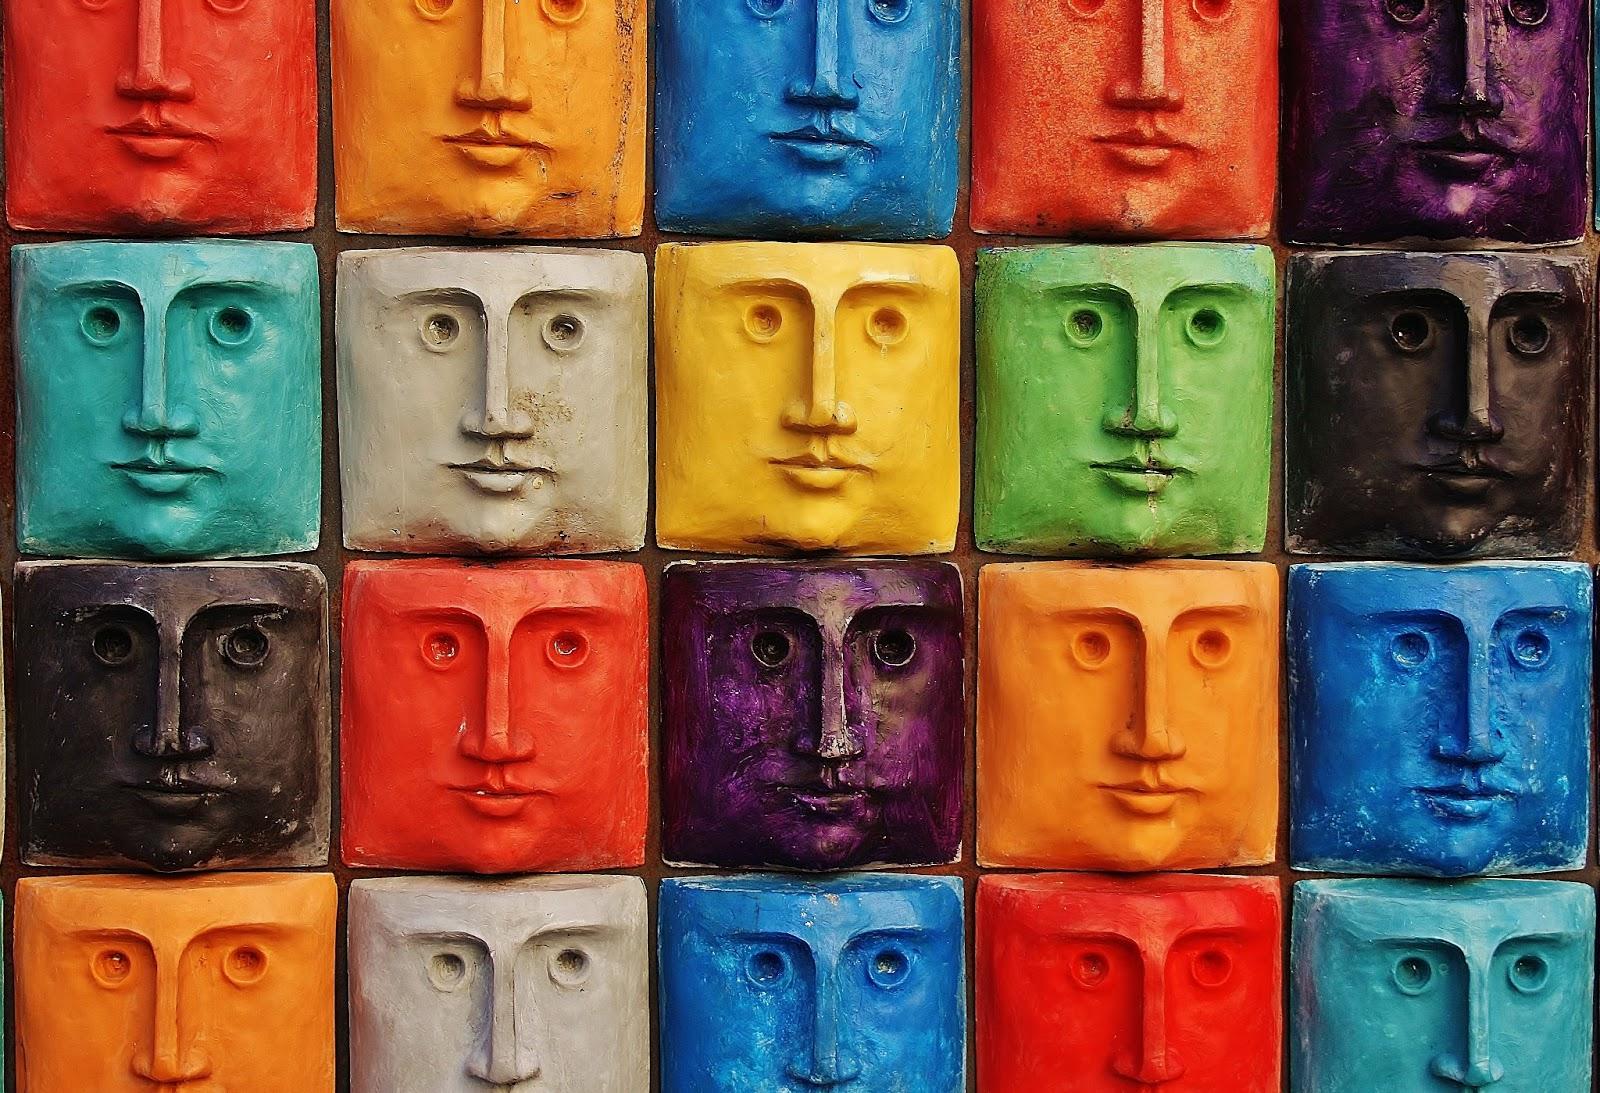 Uma imagem com rostos coloridos e idênticos